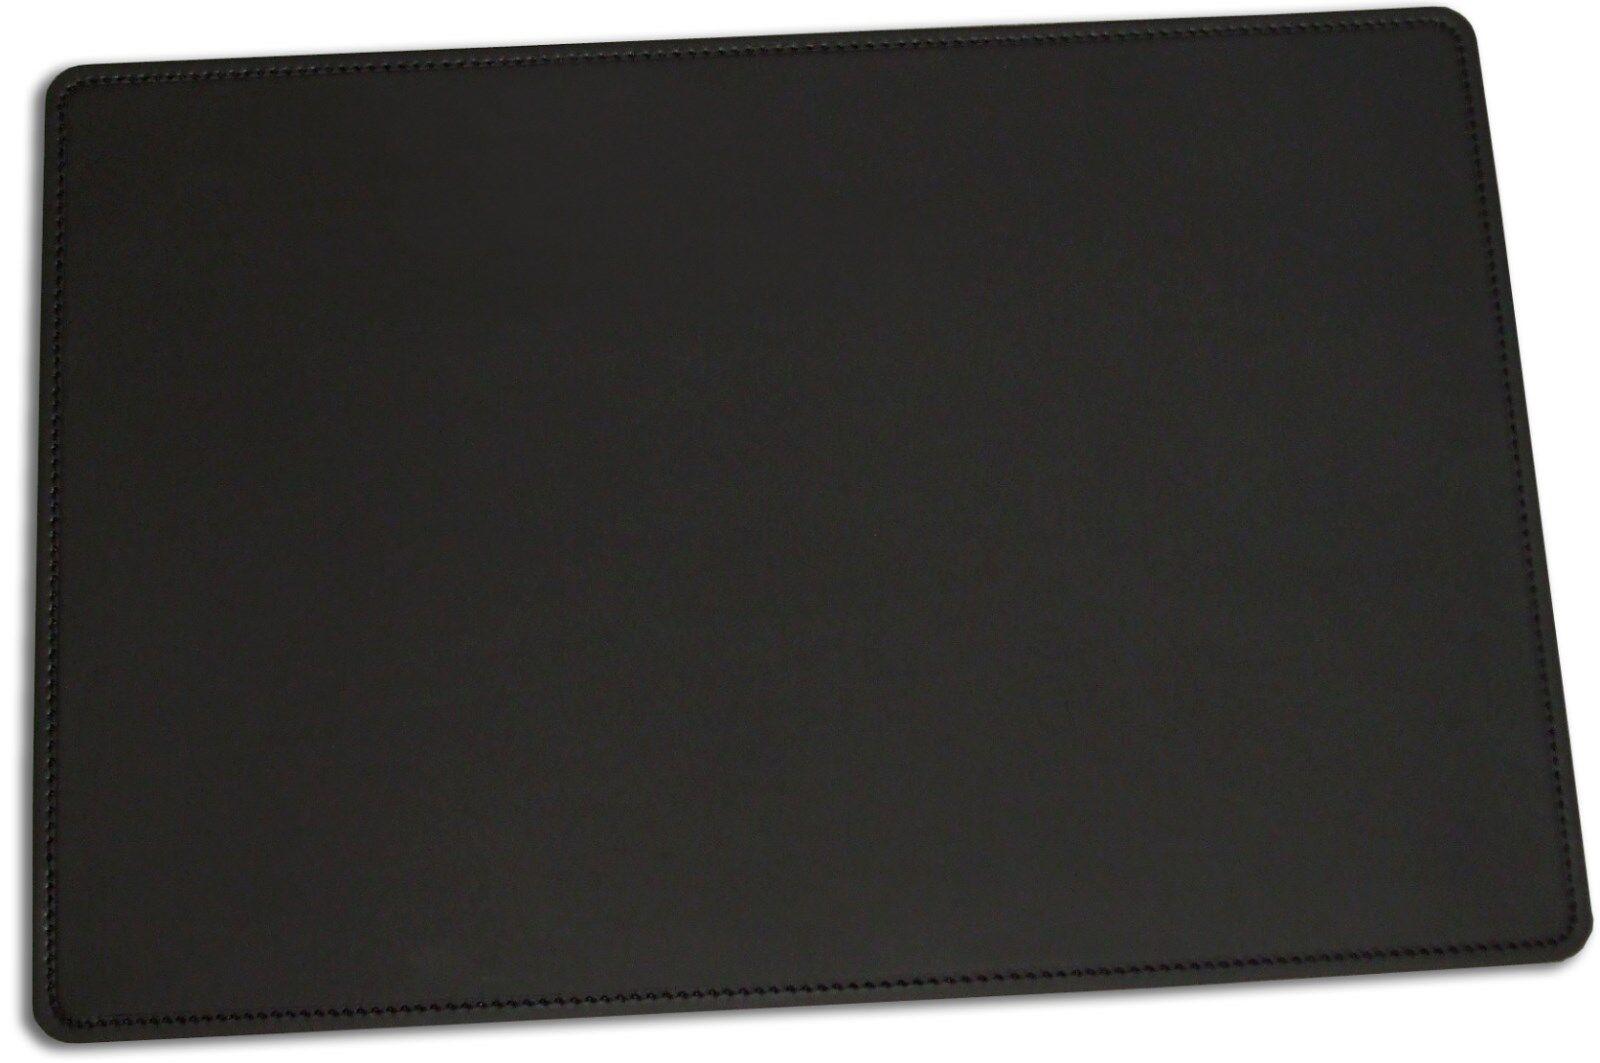 schreibunterlage schreibtischunterlage leder schwarz 60 x. Black Bedroom Furniture Sets. Home Design Ideas